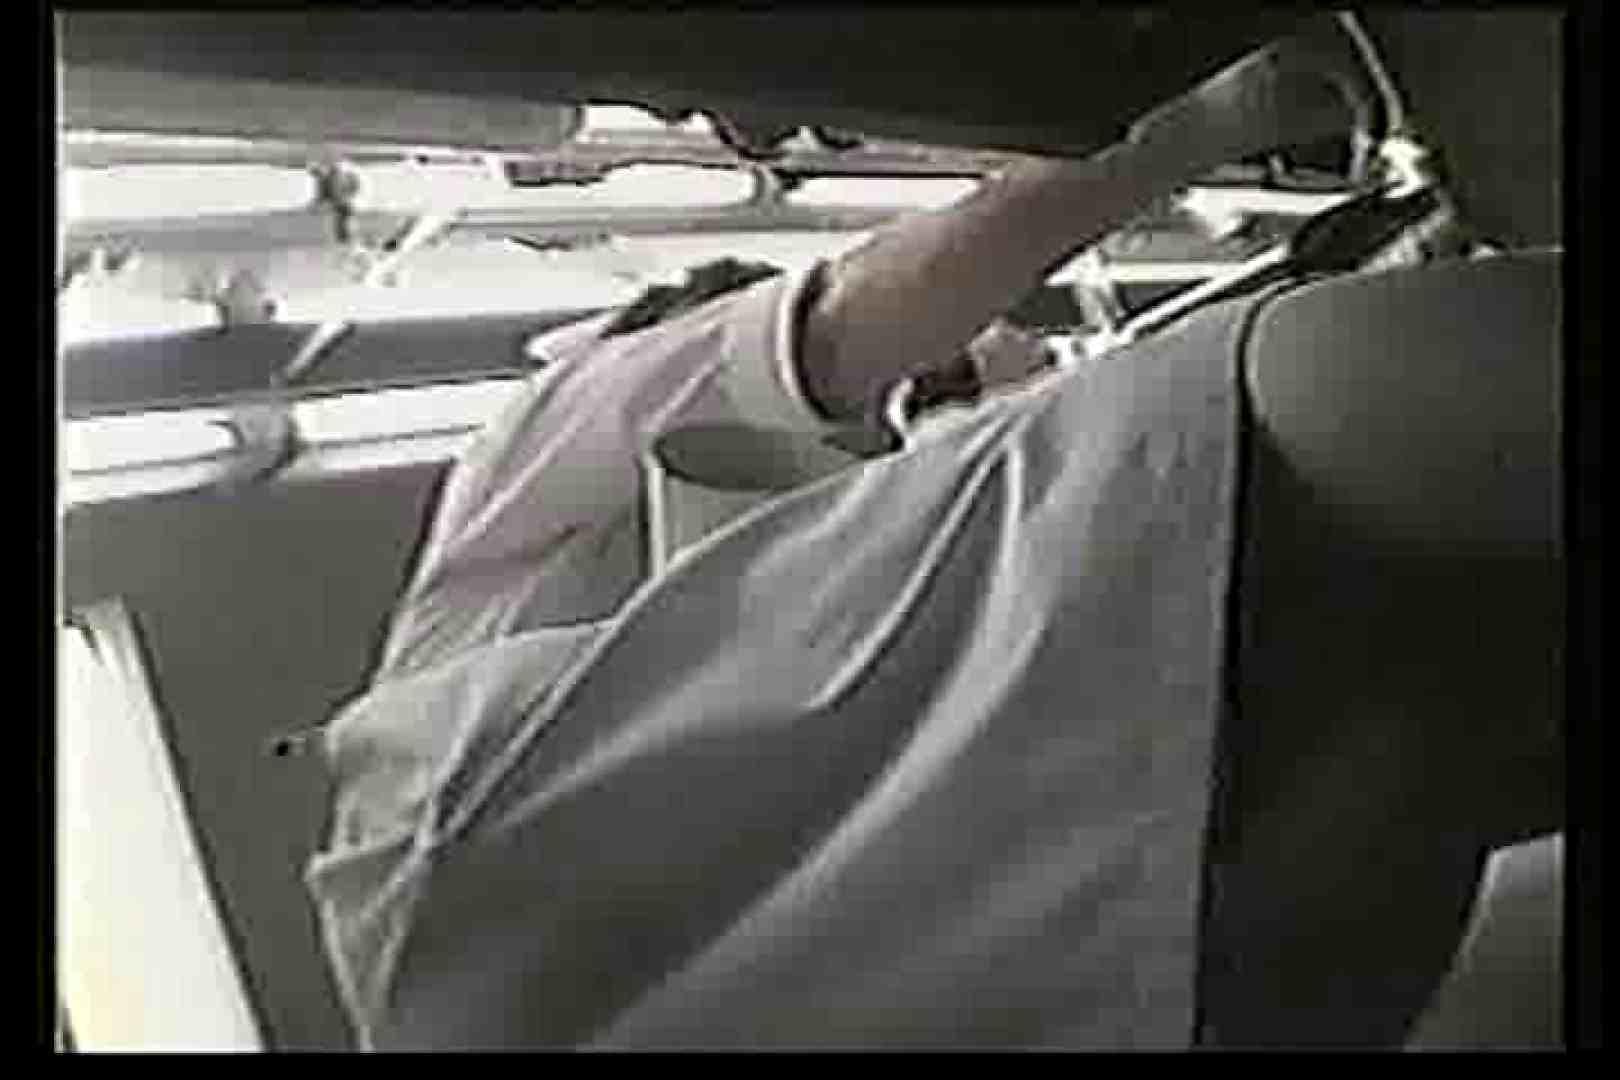 院内密着!看護婦達の下半身事情Vol.2 チラ 盗撮ヌード画像 93pic 93